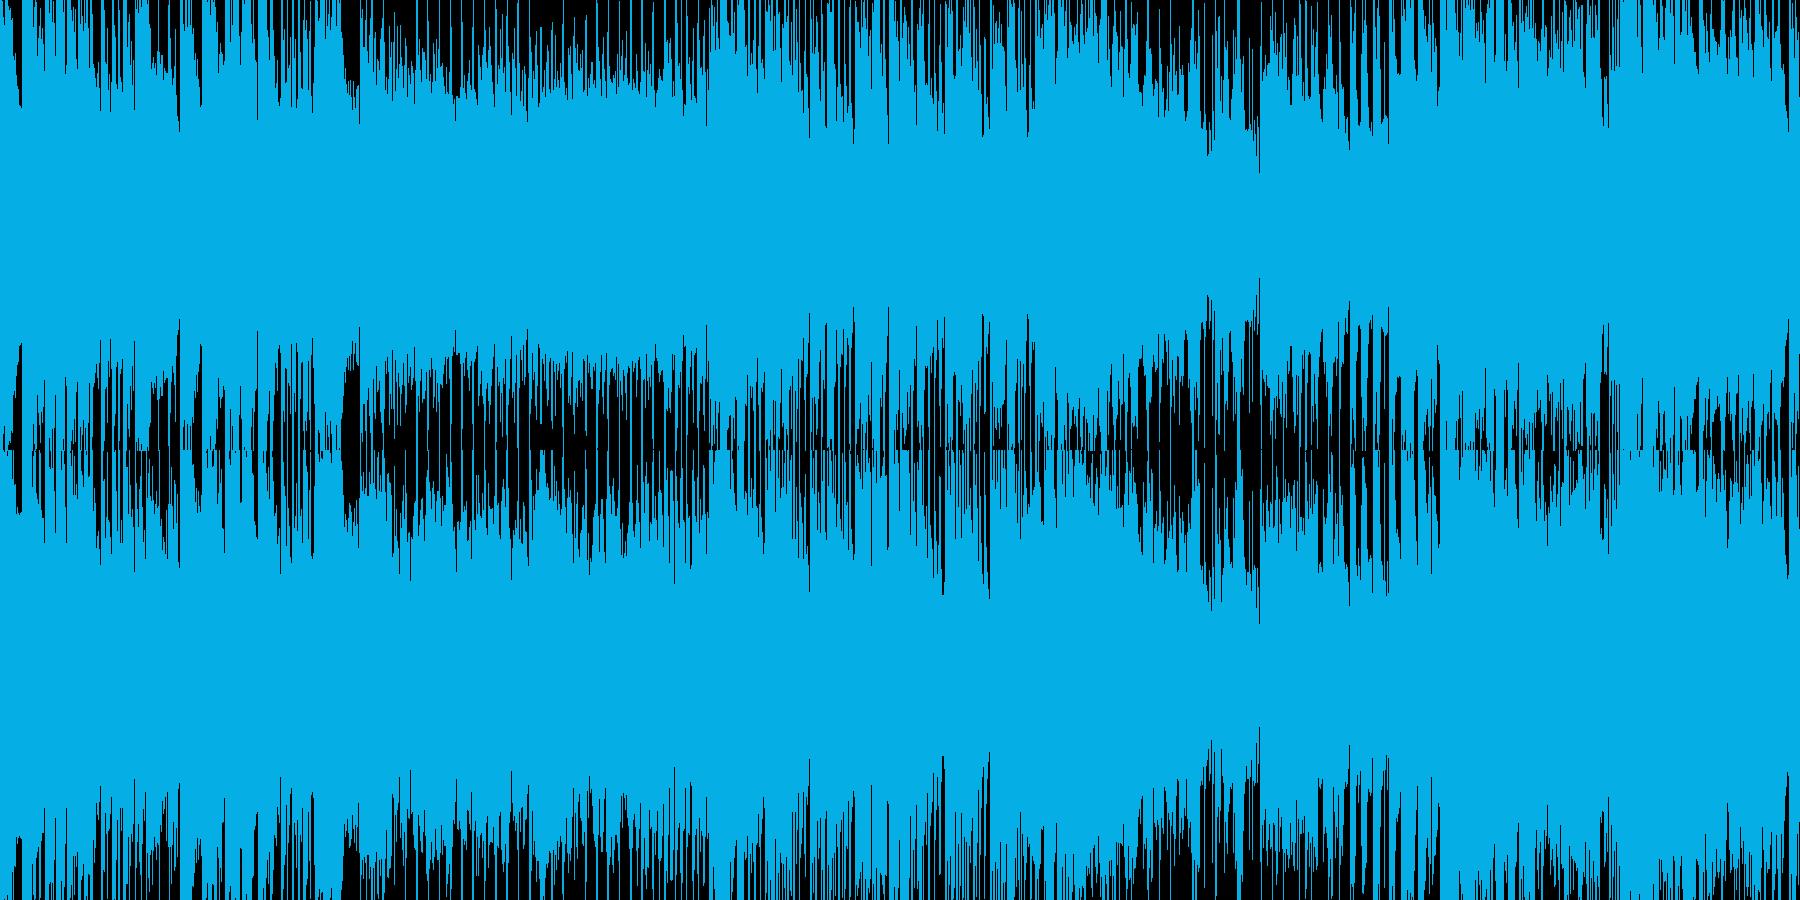 疾走感溢れる和風ロックの再生済みの波形